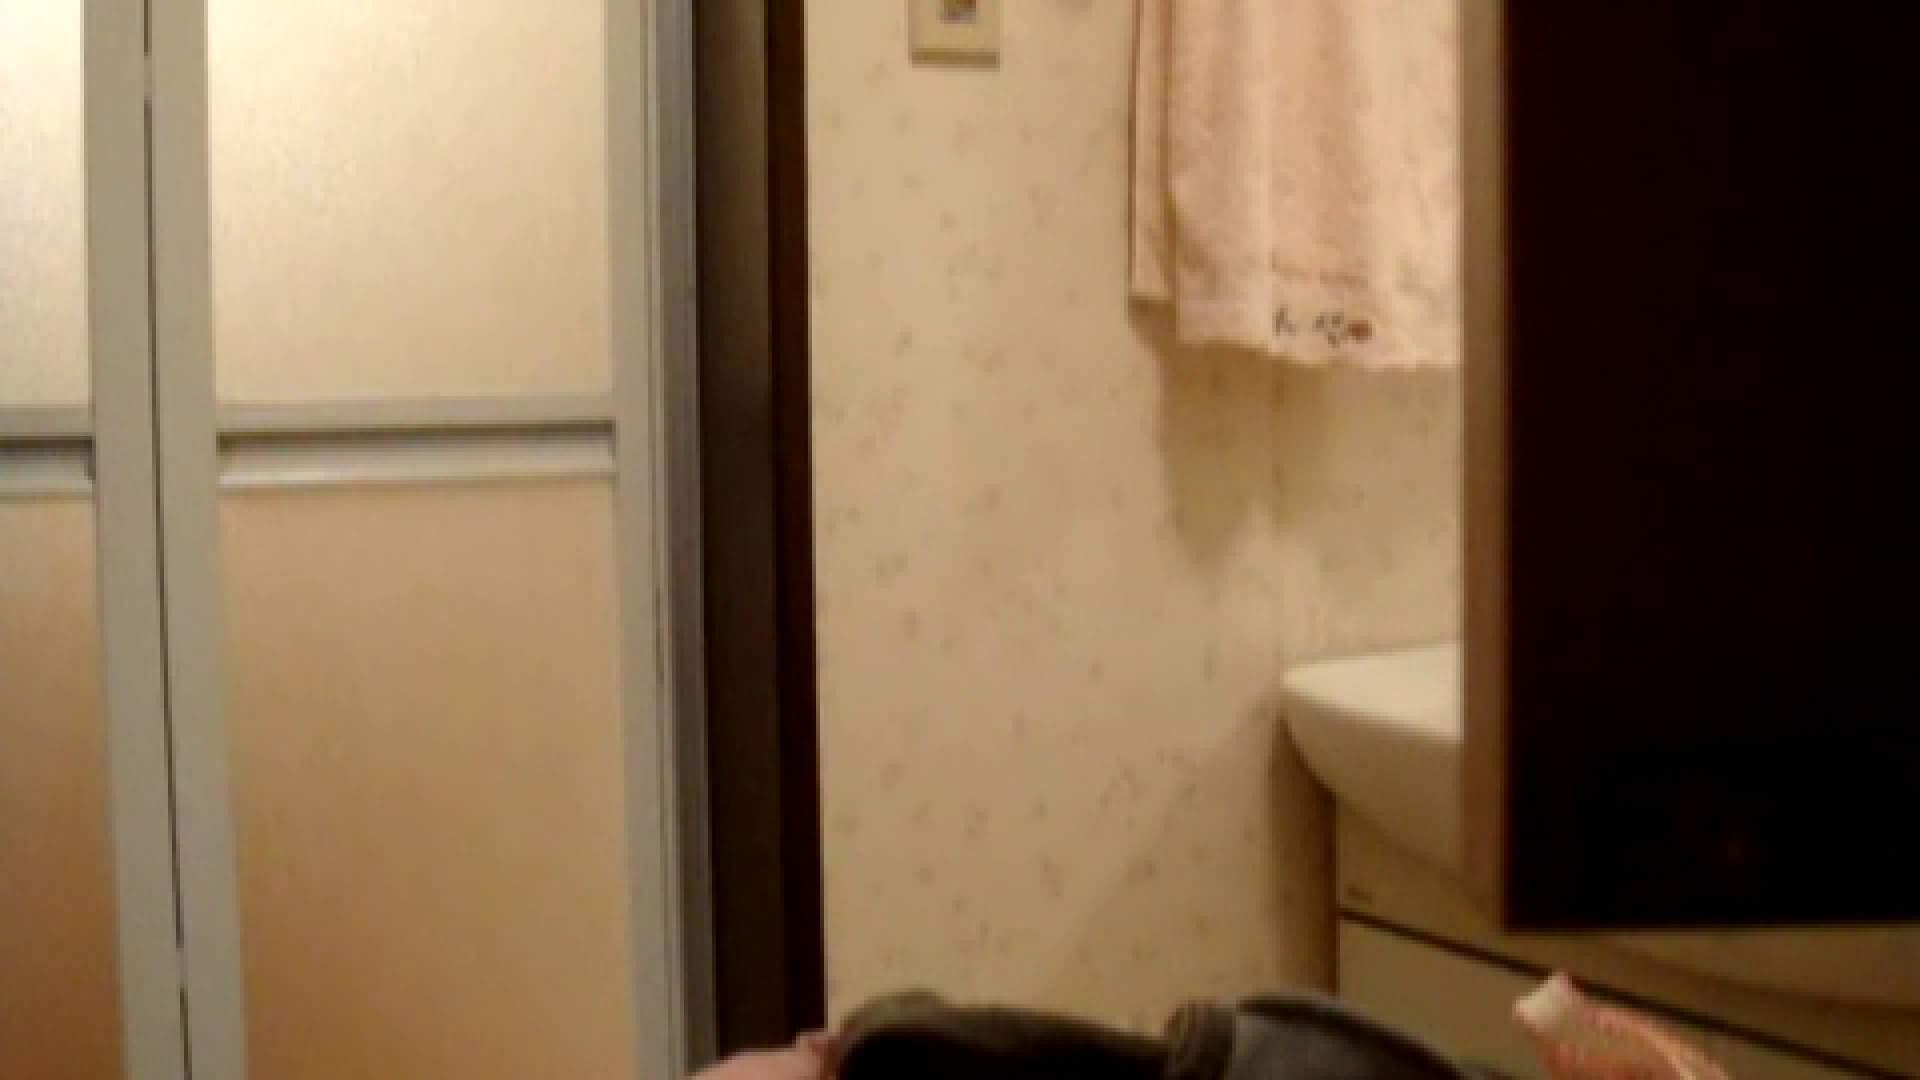 二人とも育てた甲斐がありました… vol.08 まどかの入浴中にカメラに気付いたか!? 入浴 | HなOL  50pic 50